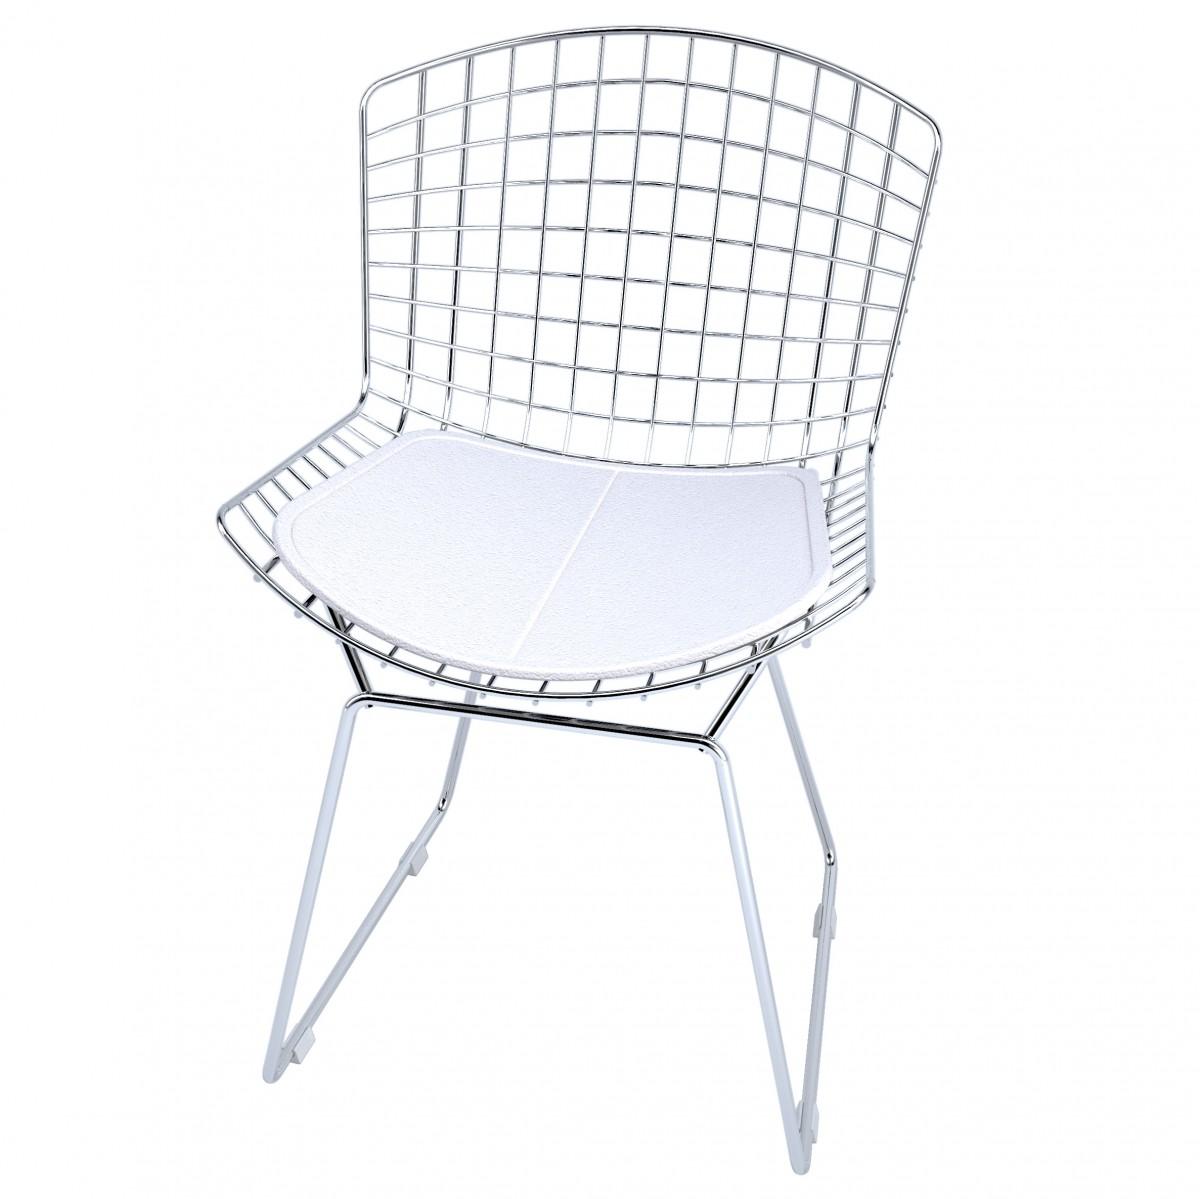 Compre Cadeira Bertoia Cromada Elare Branco Cm0005 Em At 12 Vezes